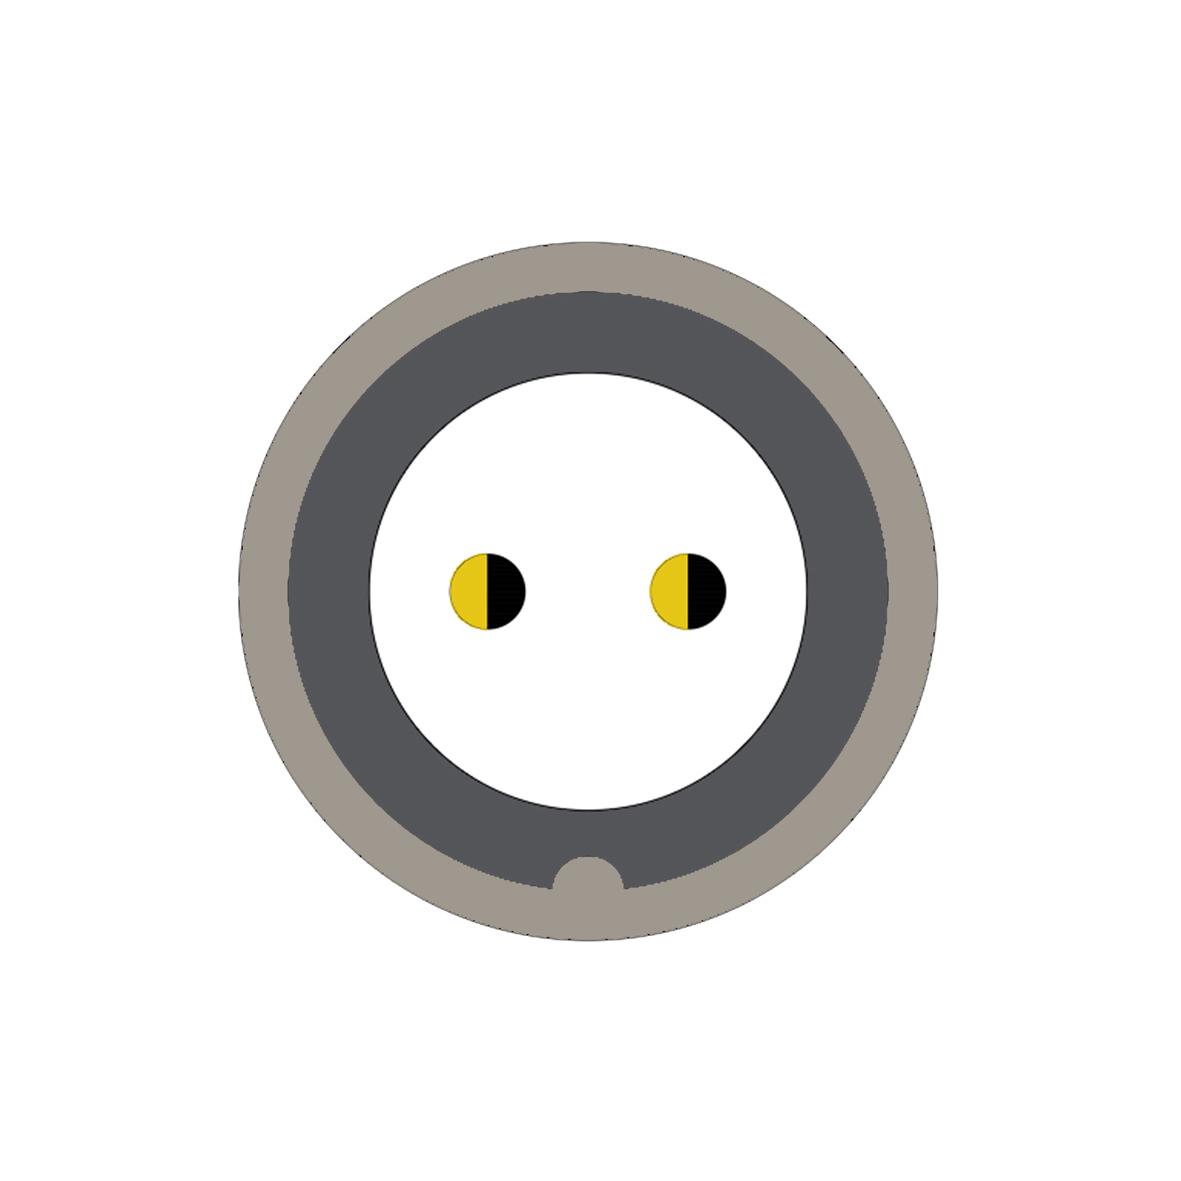 22B (0) 2 way connector